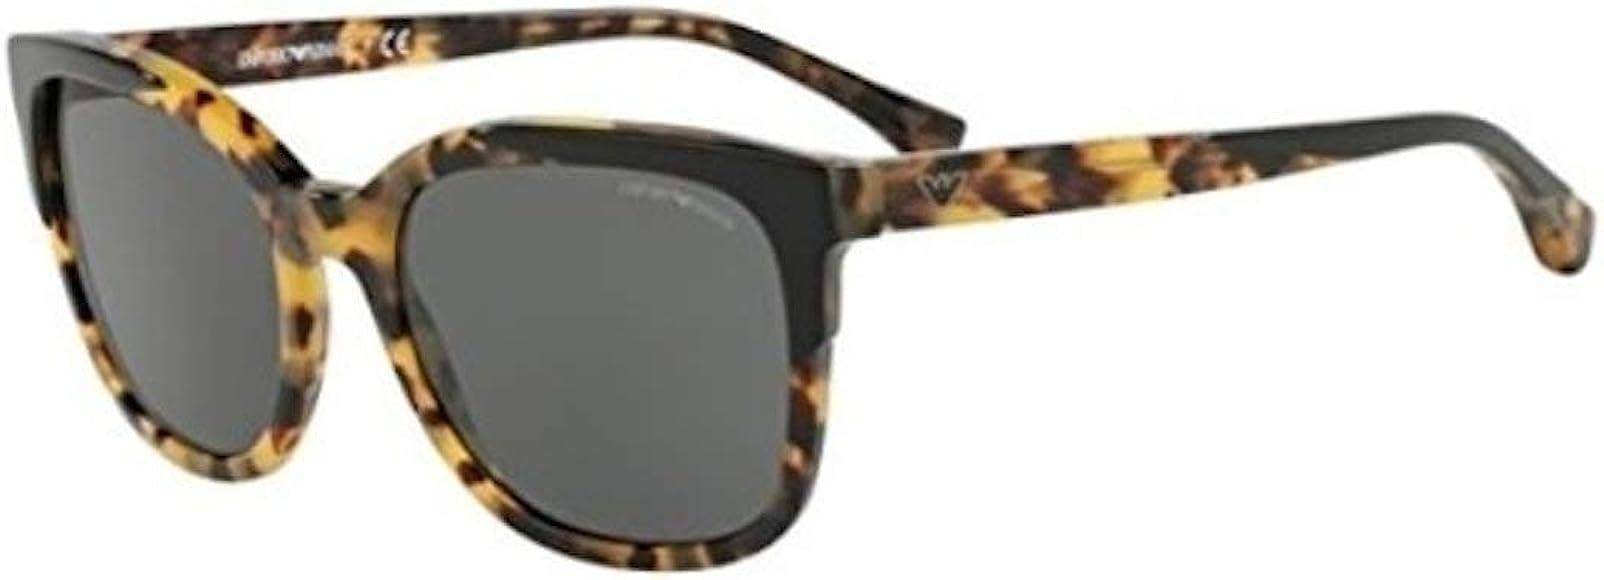 Emporio Armani 0EA4119 Gafas de sol, Top Black On Havana, 54 ...